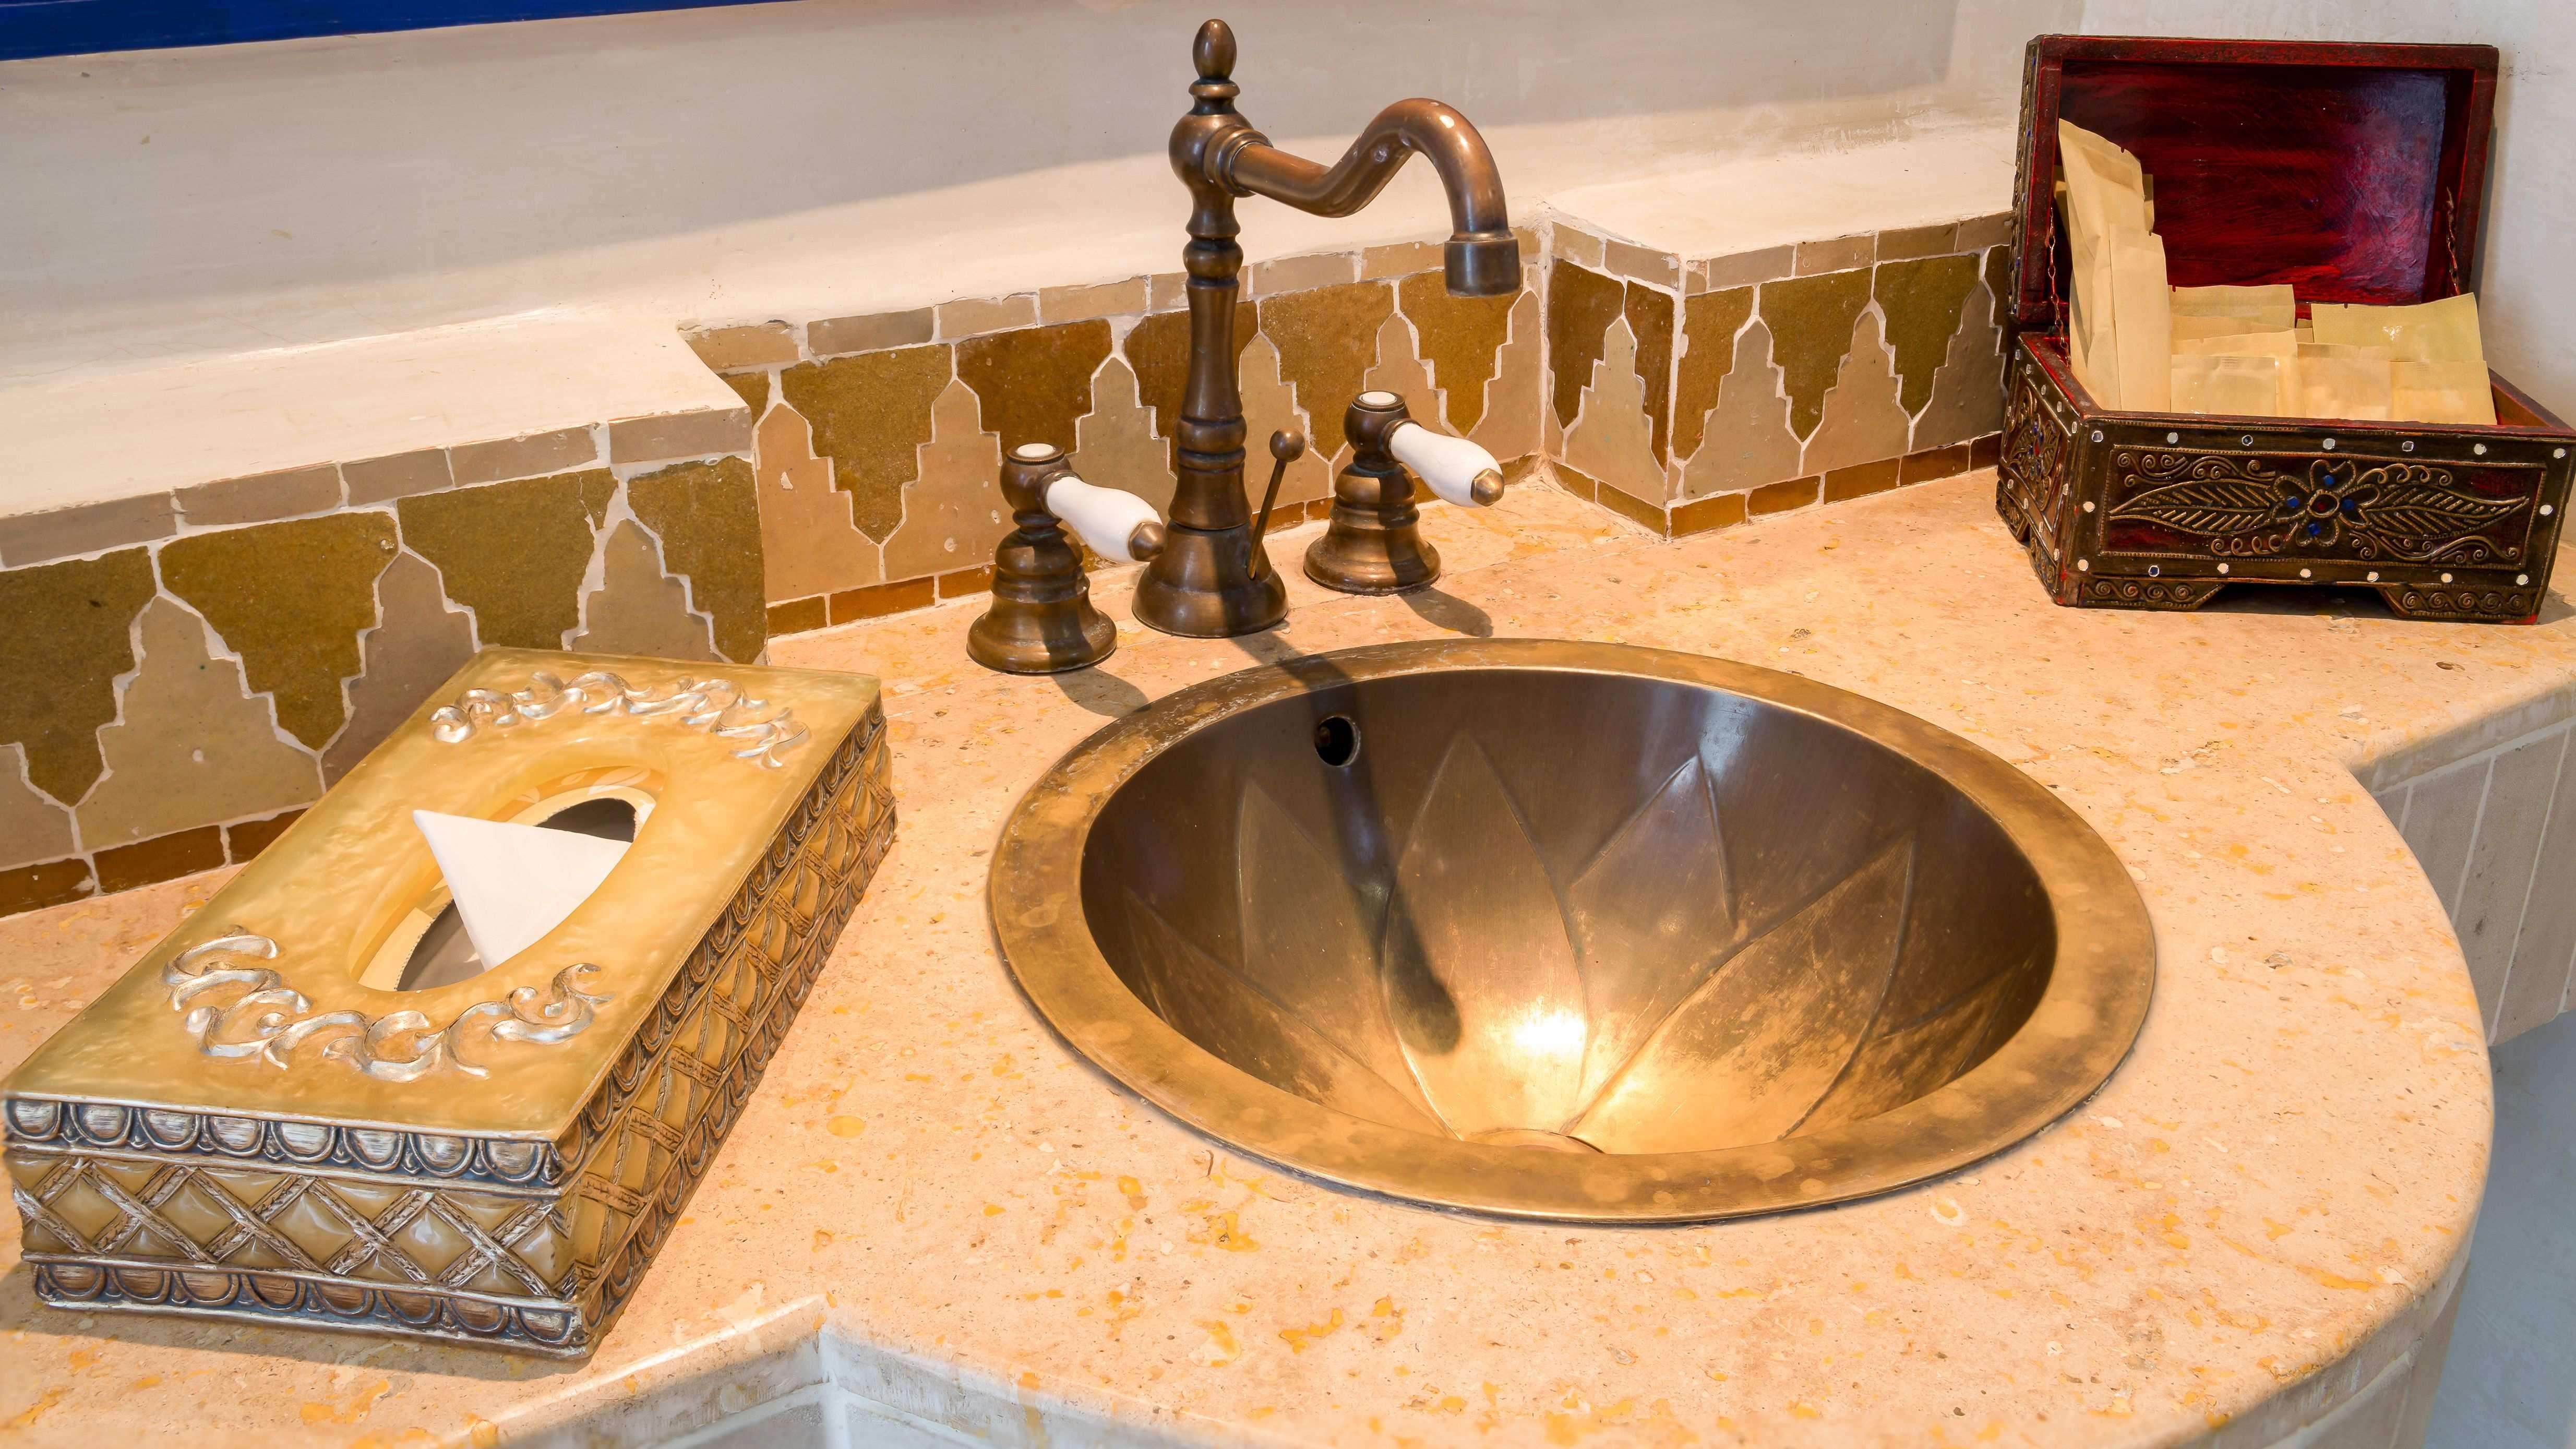 Bagno in stile marocchino